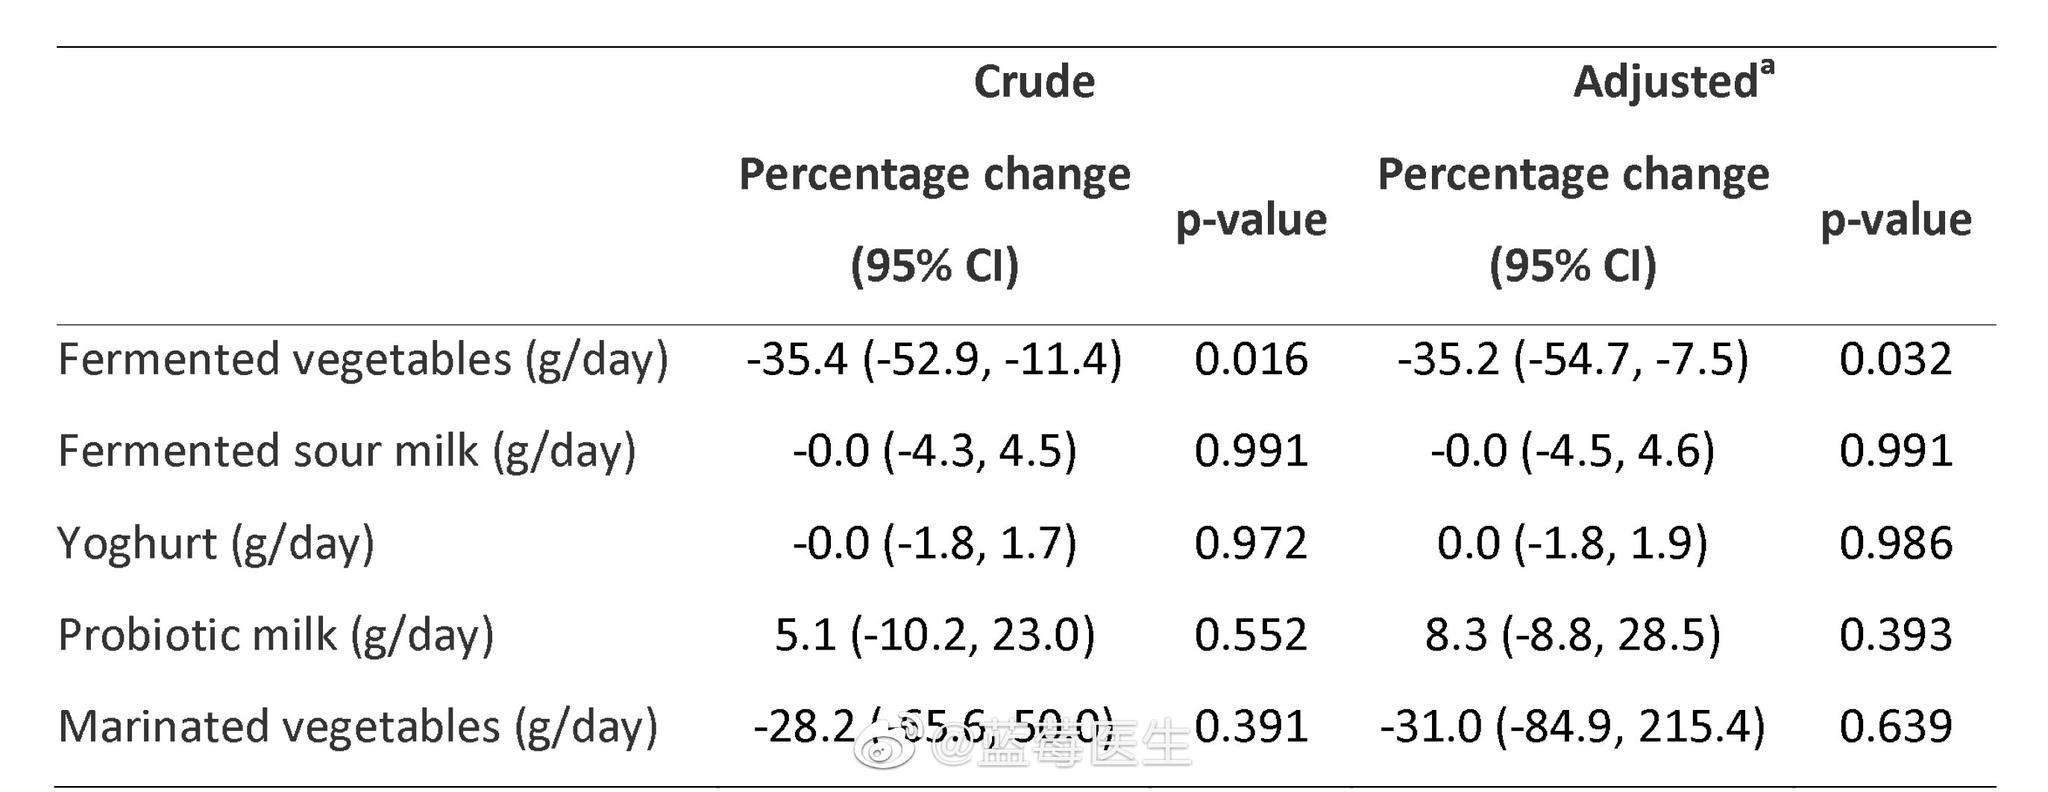 一个有趣的研究:多吃泡菜腌菜降低新冠的死亡率